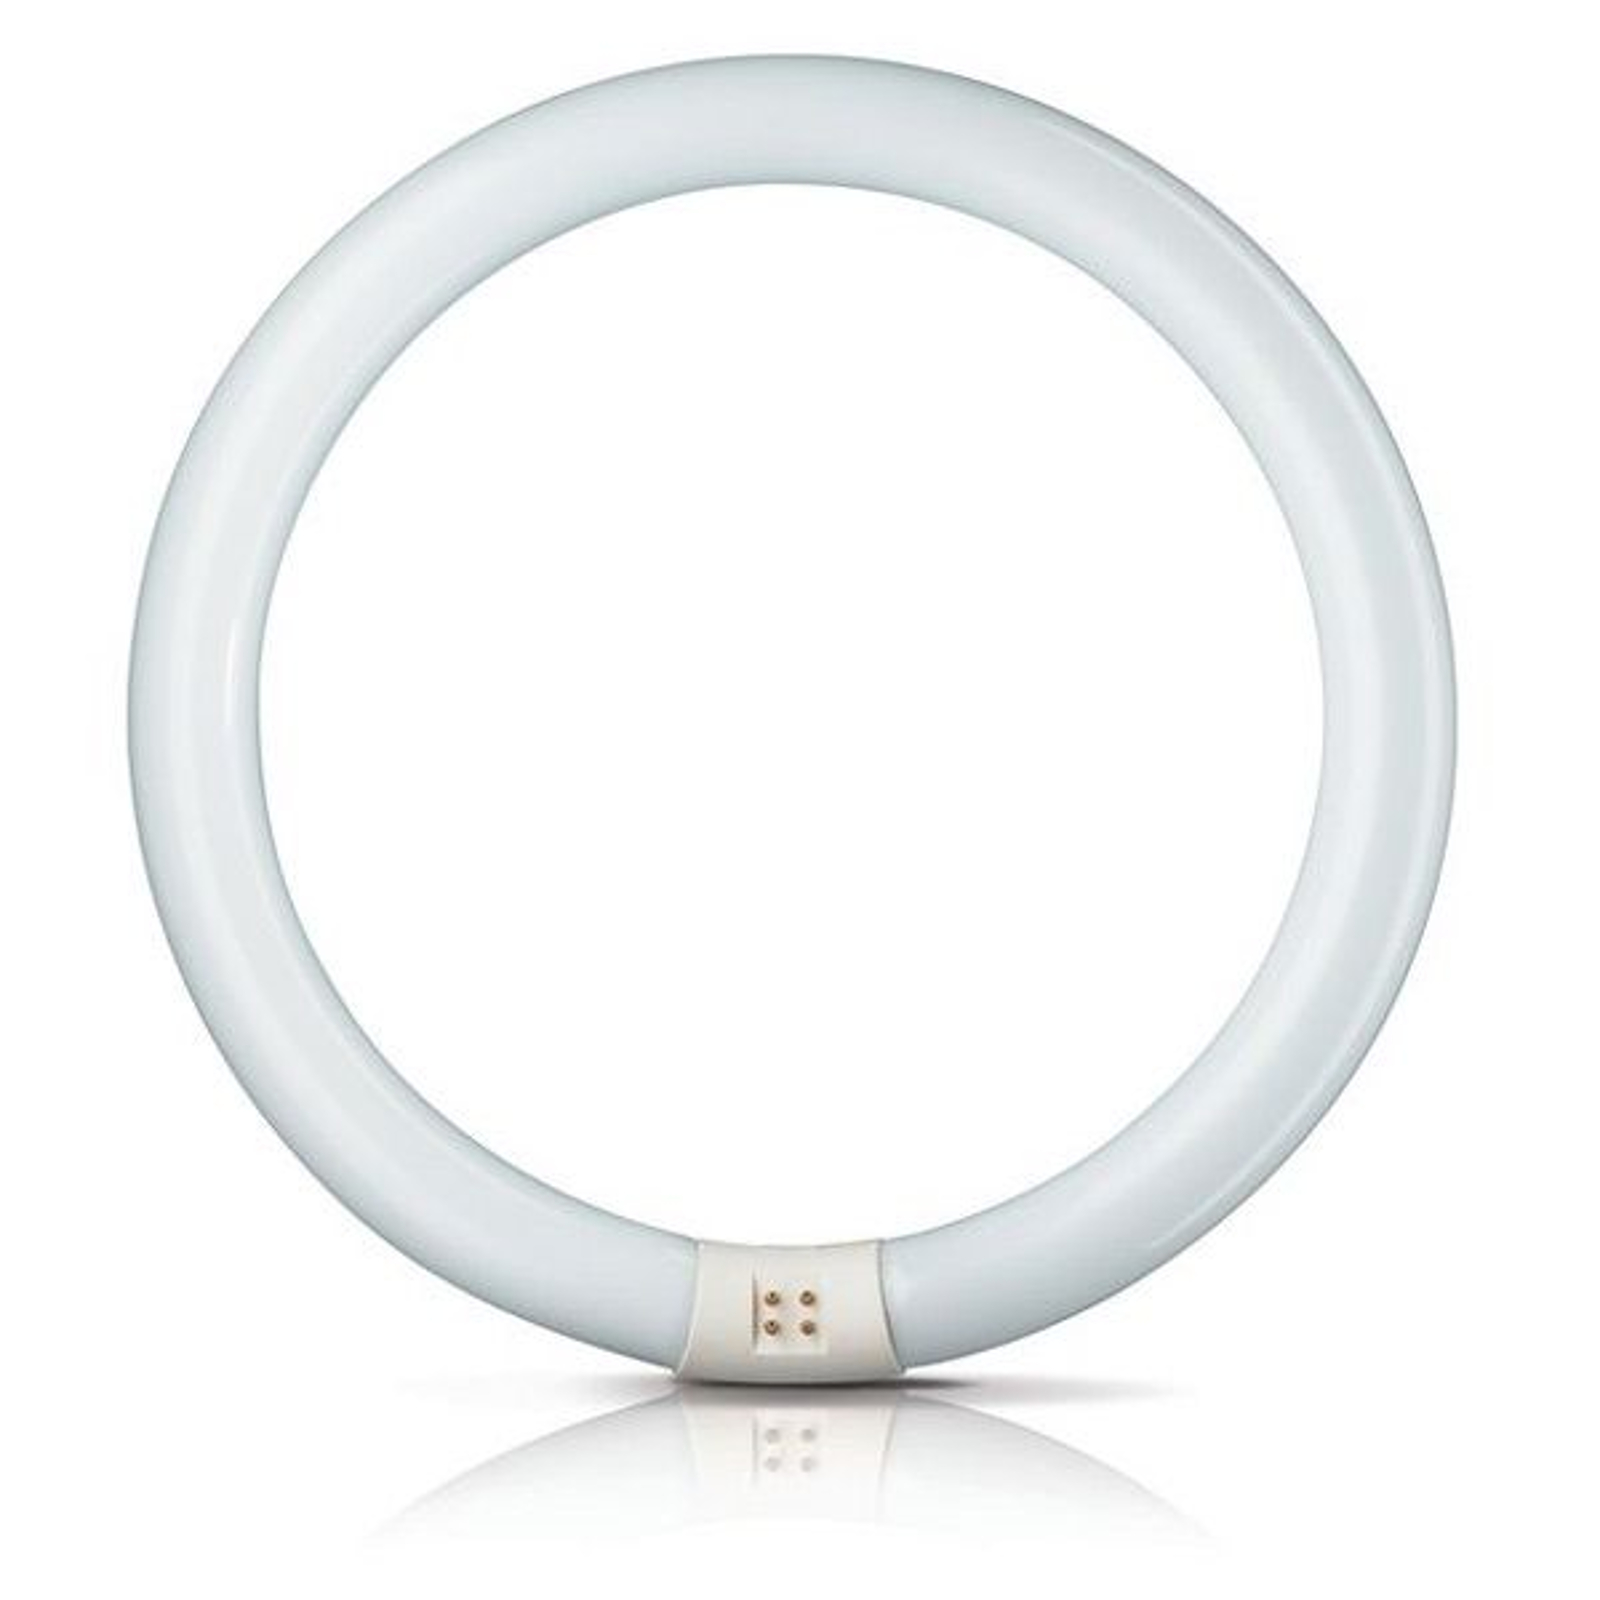 G10q 32W 865 ring-lysstofrør Master Circular TL-E